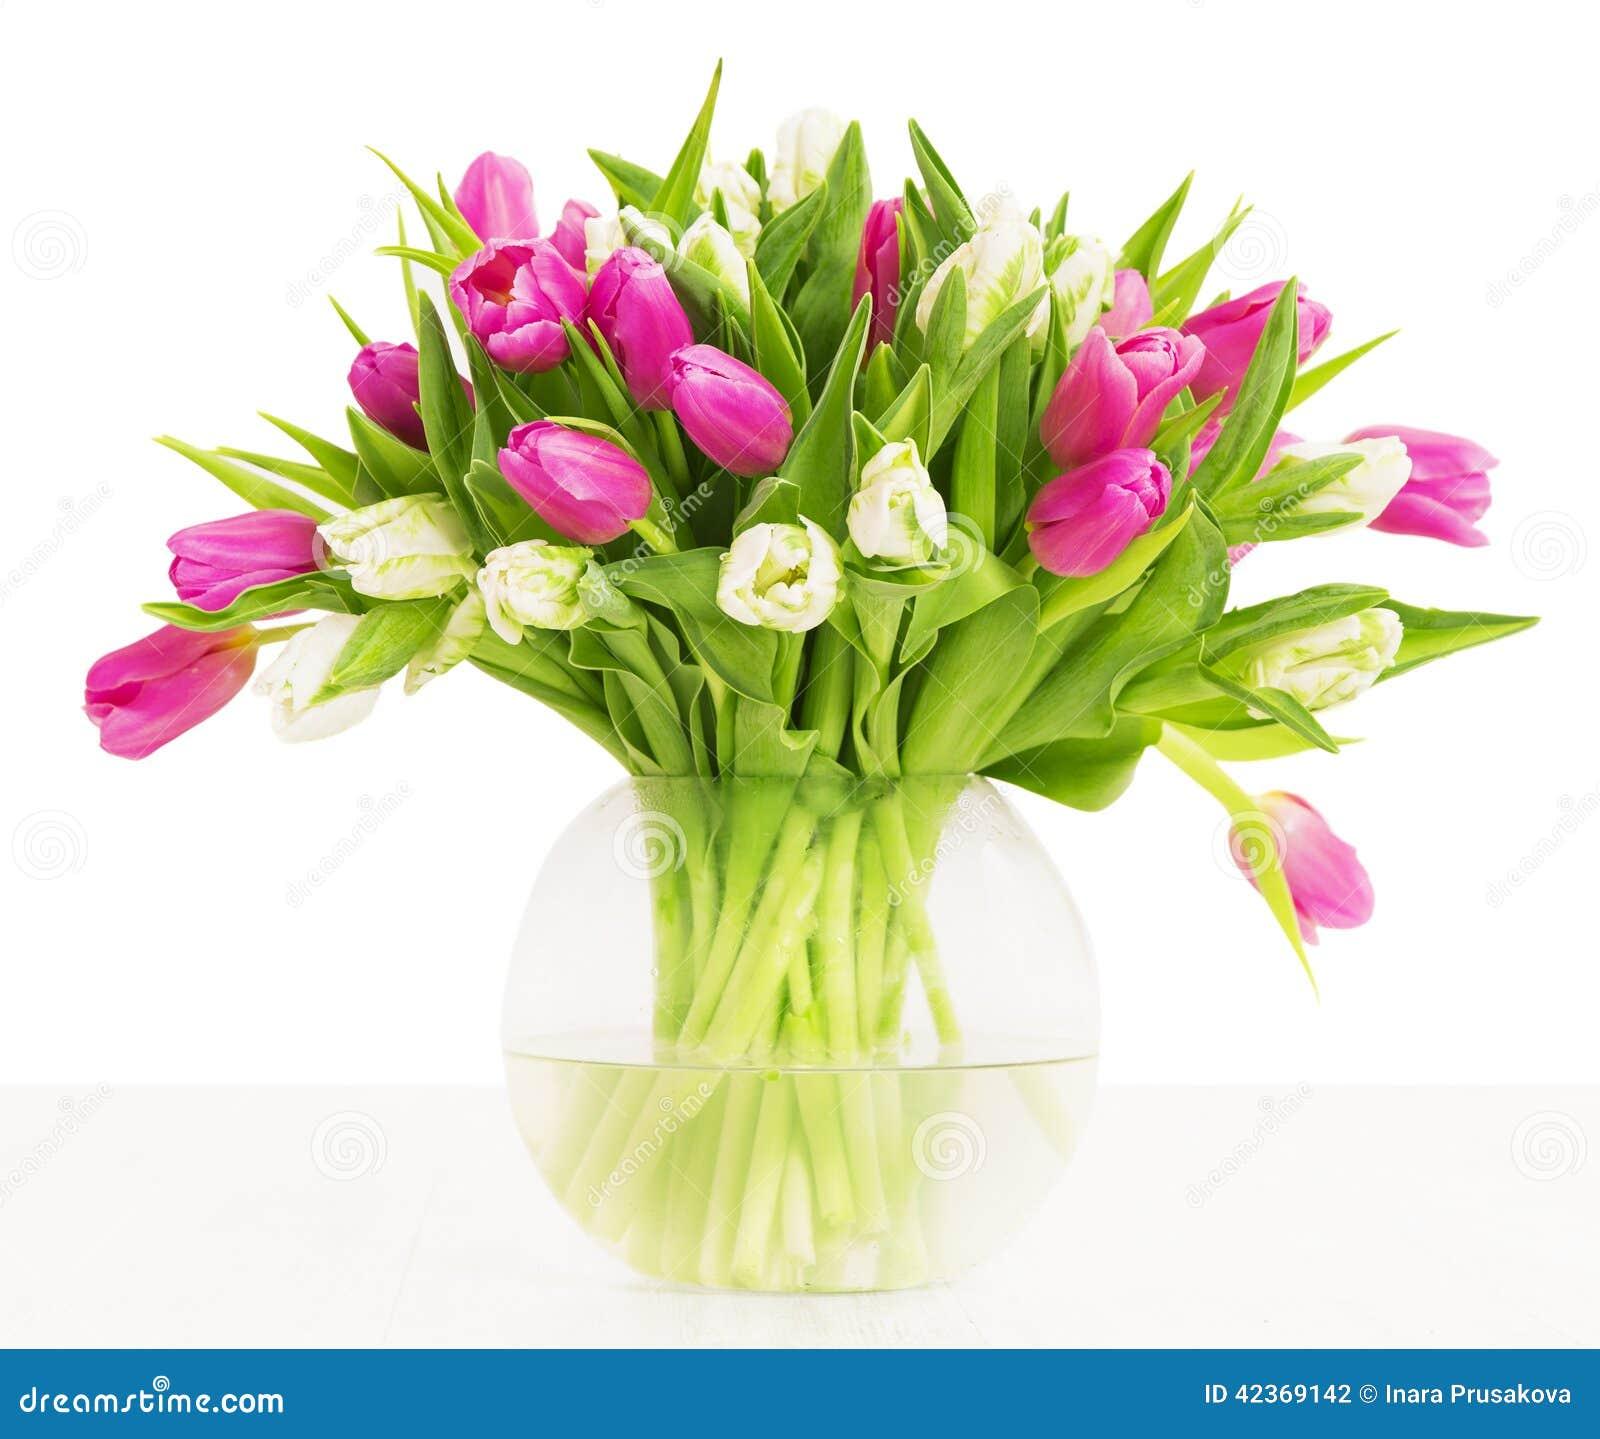 tulpen bl ht blumenstrau im vase wei er hintergrund stockfoto bild von leerzeichen gruppe. Black Bedroom Furniture Sets. Home Design Ideas